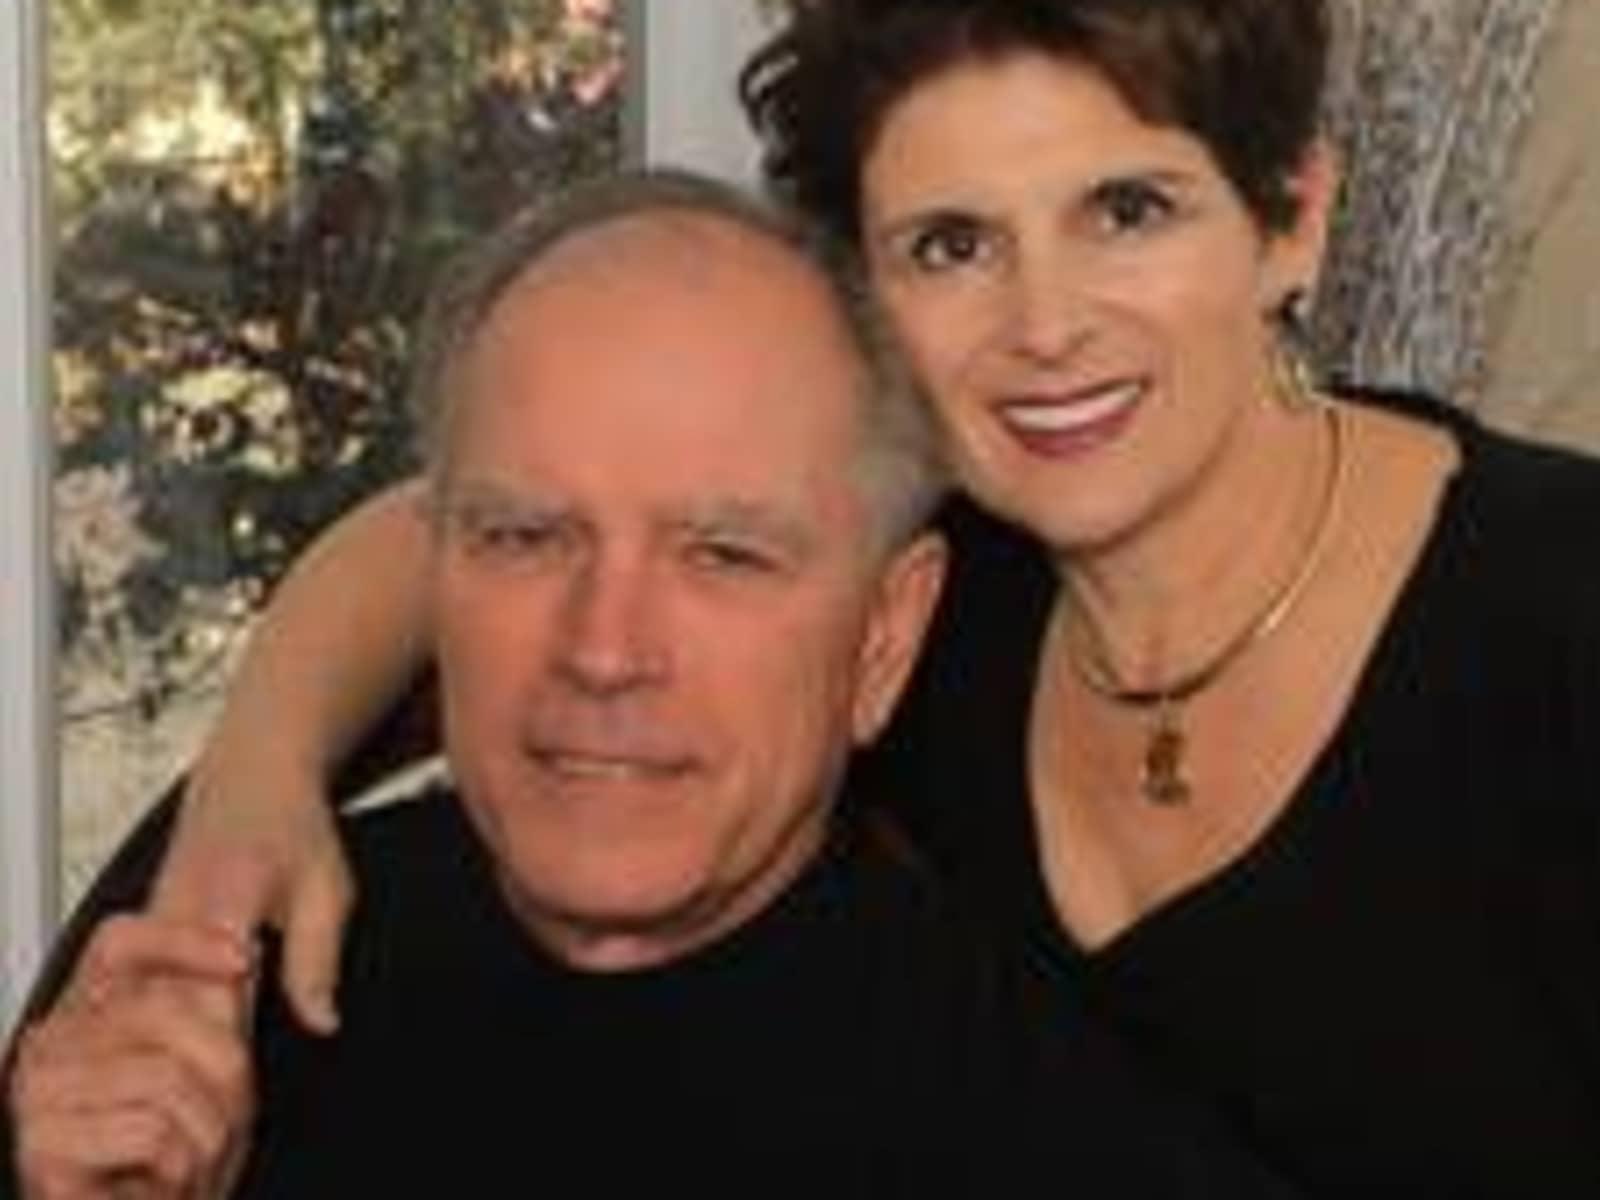 Richard & Mary from Washington, D.C., Washington, D.C., United States